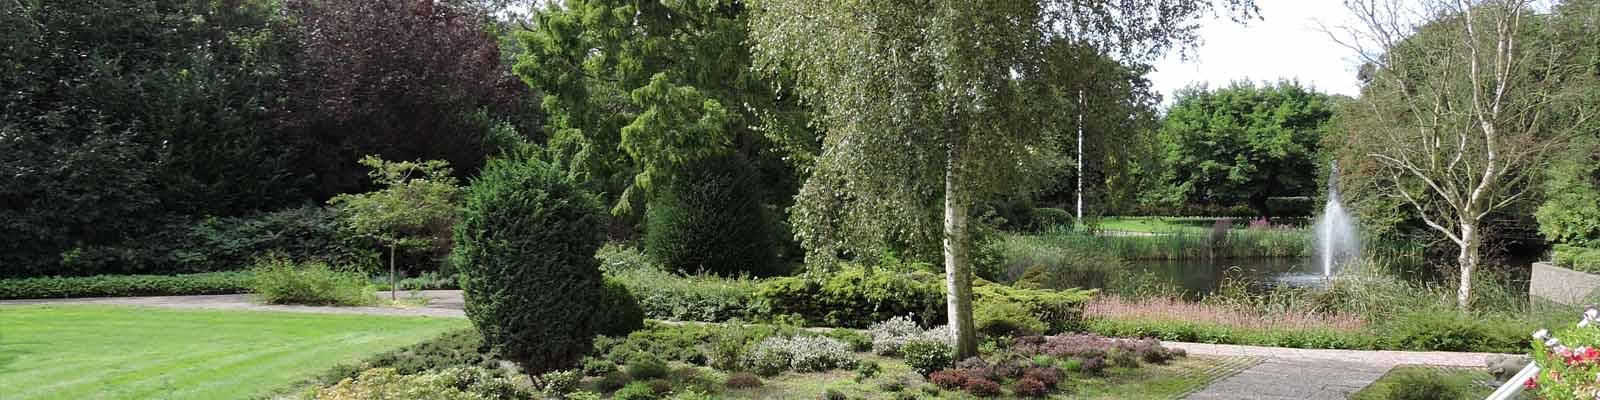 Genieten in de frankenstate tuin